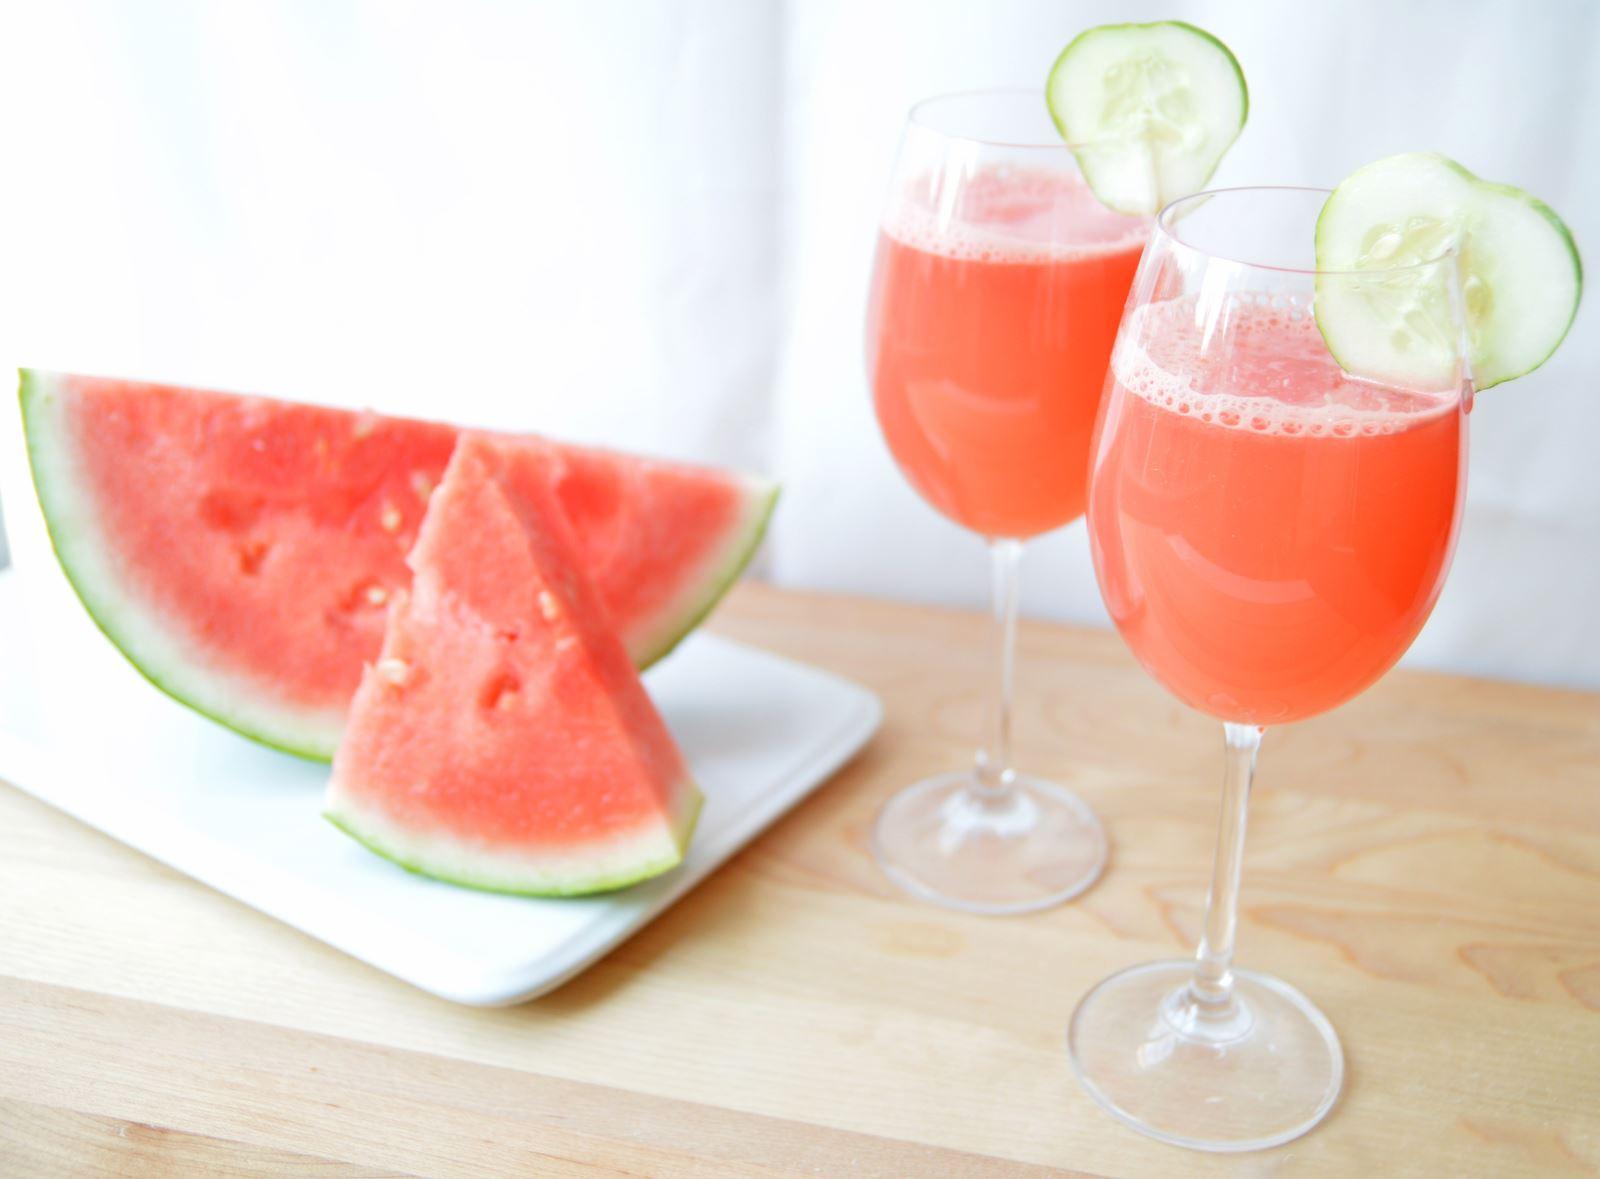 Nước ép dưa hấu dễ làm, thơm ngon, hương vị hấp dẫn tại nhà